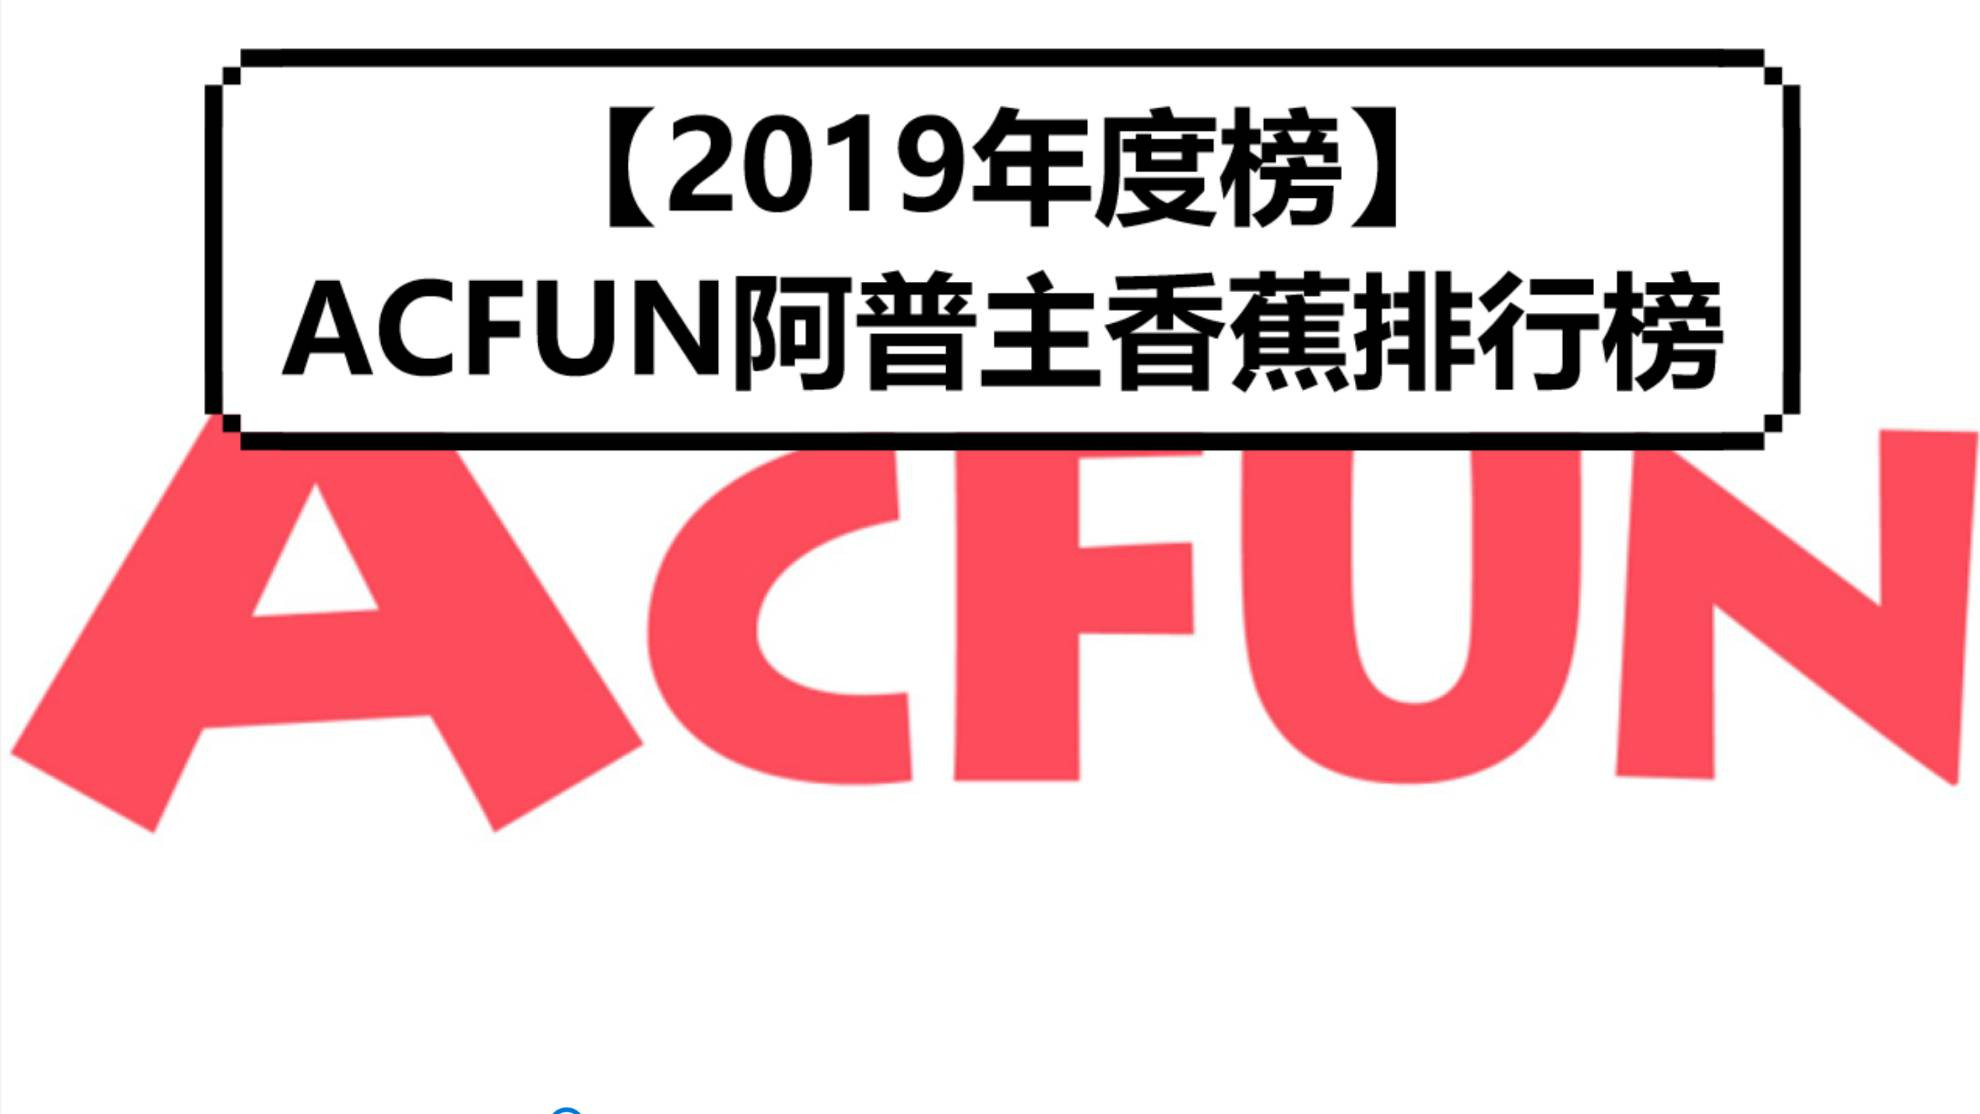 【2019年度榜】ACFUN阿普主香蕉动态排行榜【P2手机竖屏版】